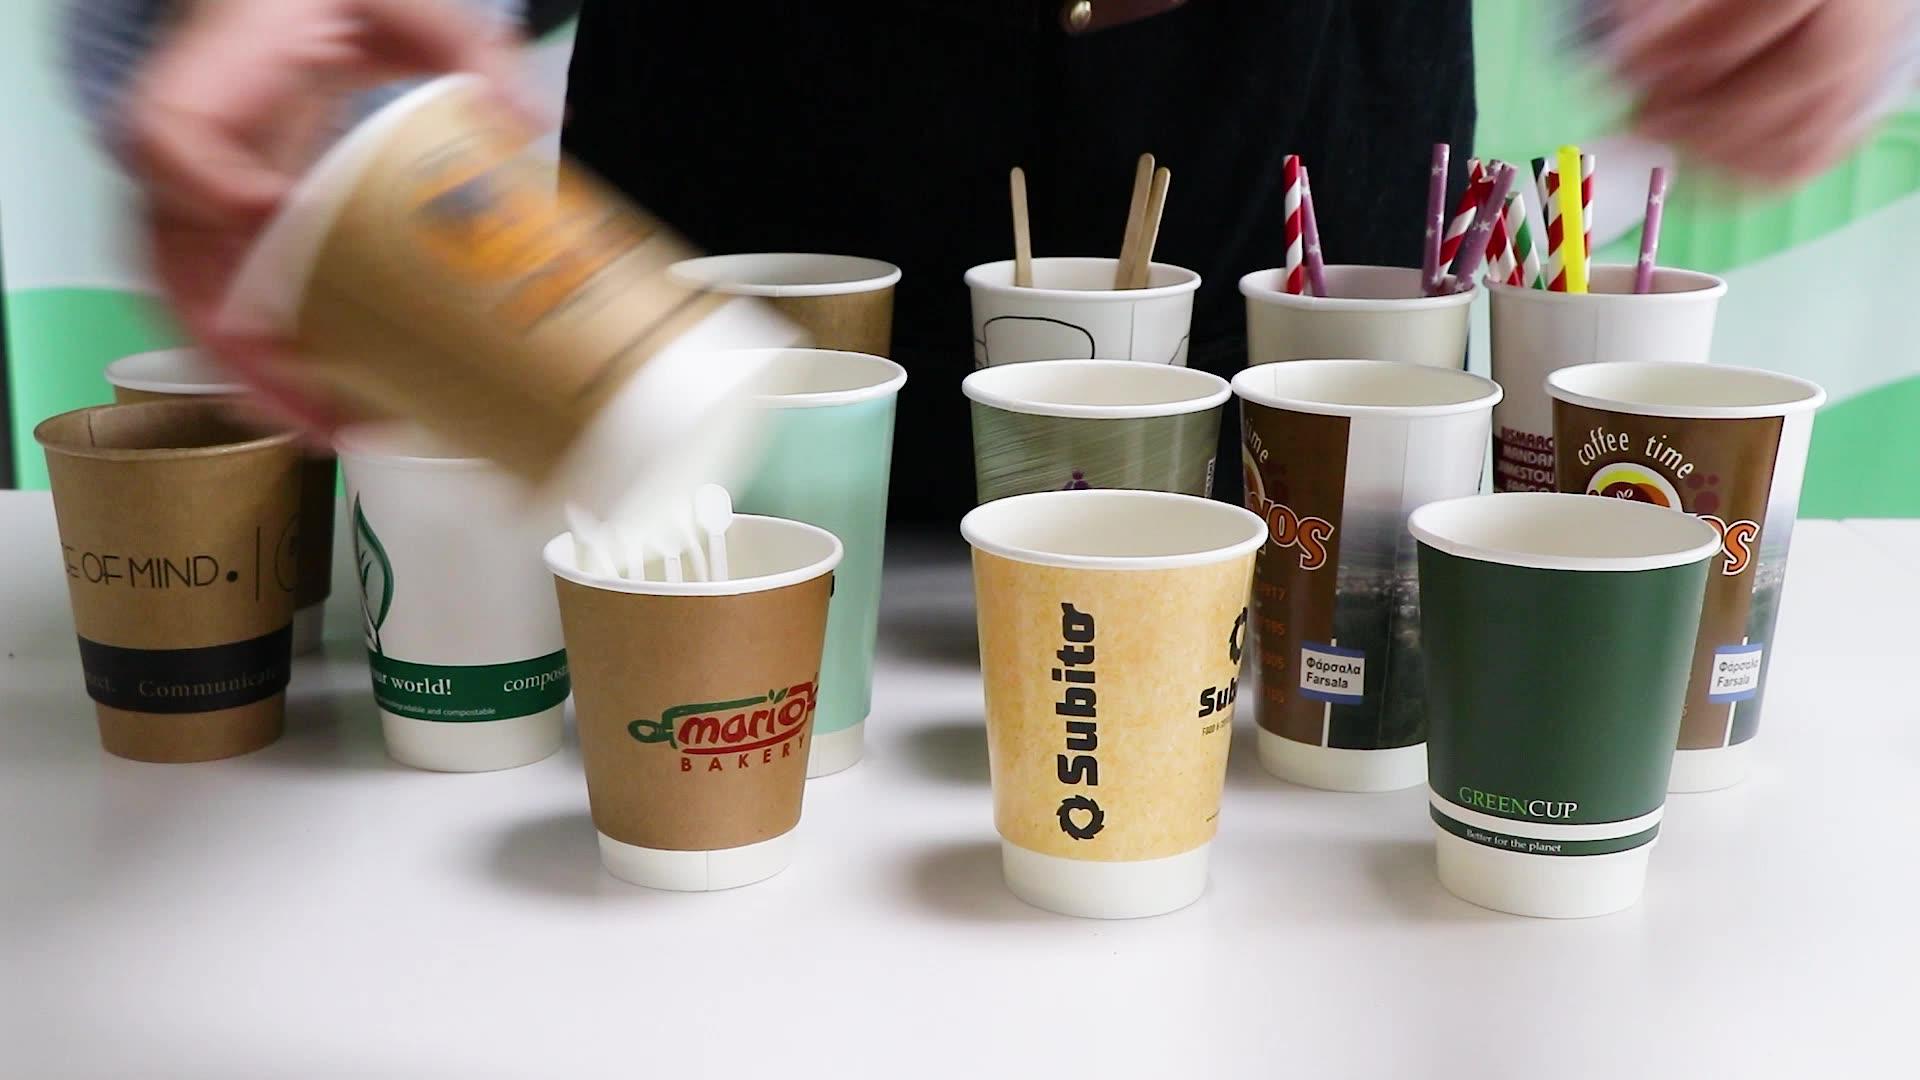 12ออนซ์ทิ้งดีพิมพ์คราฟท์คู่ผนังถ้วยกระดาษสำหรับเครื่องดื่มร้อนหรือเย็น